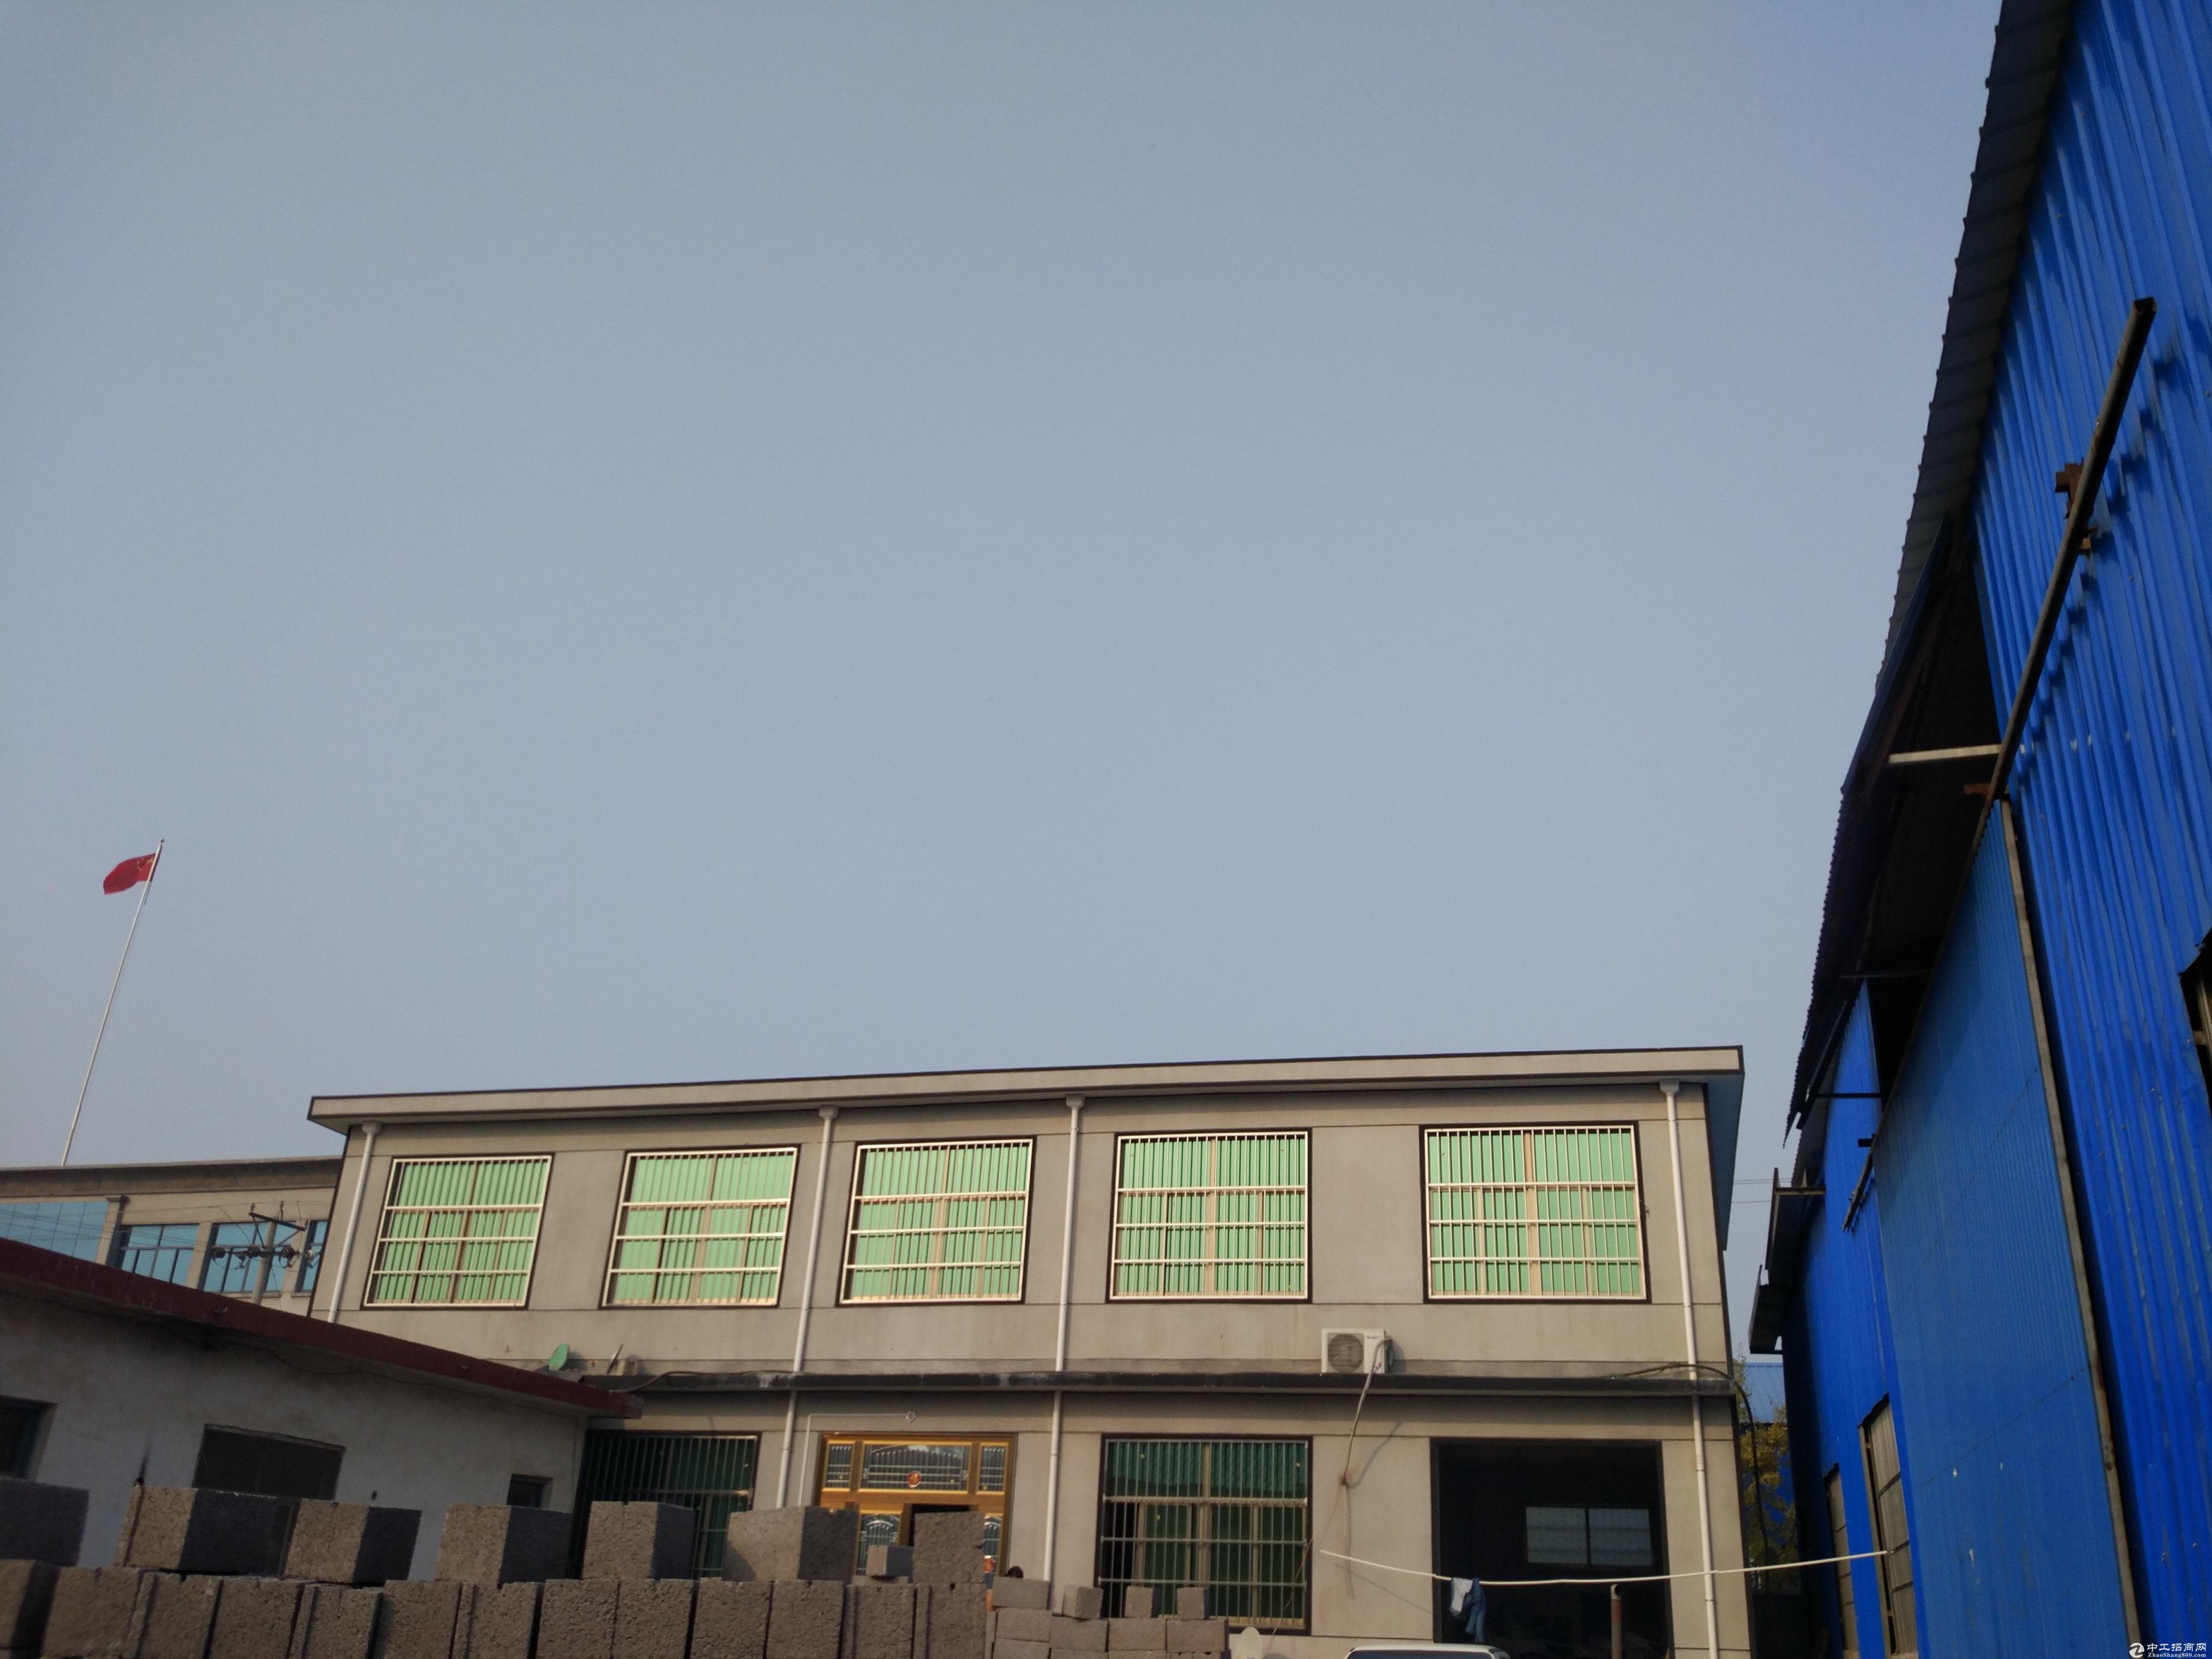 临沂兰山区义堂镇新建2000-3000平米标准钢结构厂房出租-图2